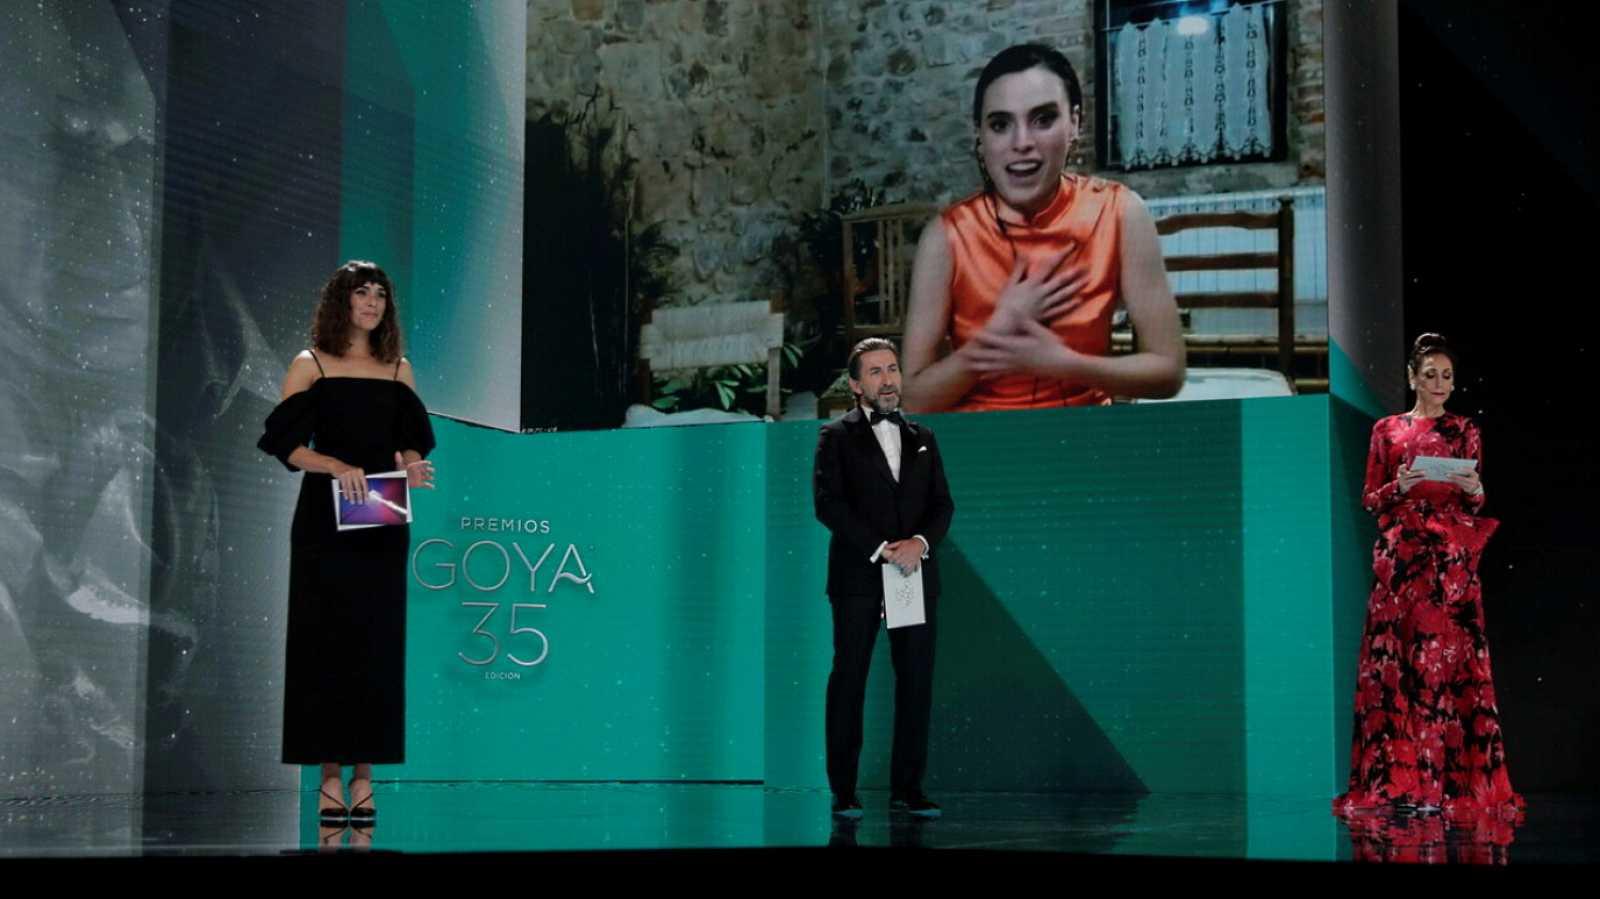 Premios Goya 2021 - Gala de los Premios Goya 2021 - Lengua de signos